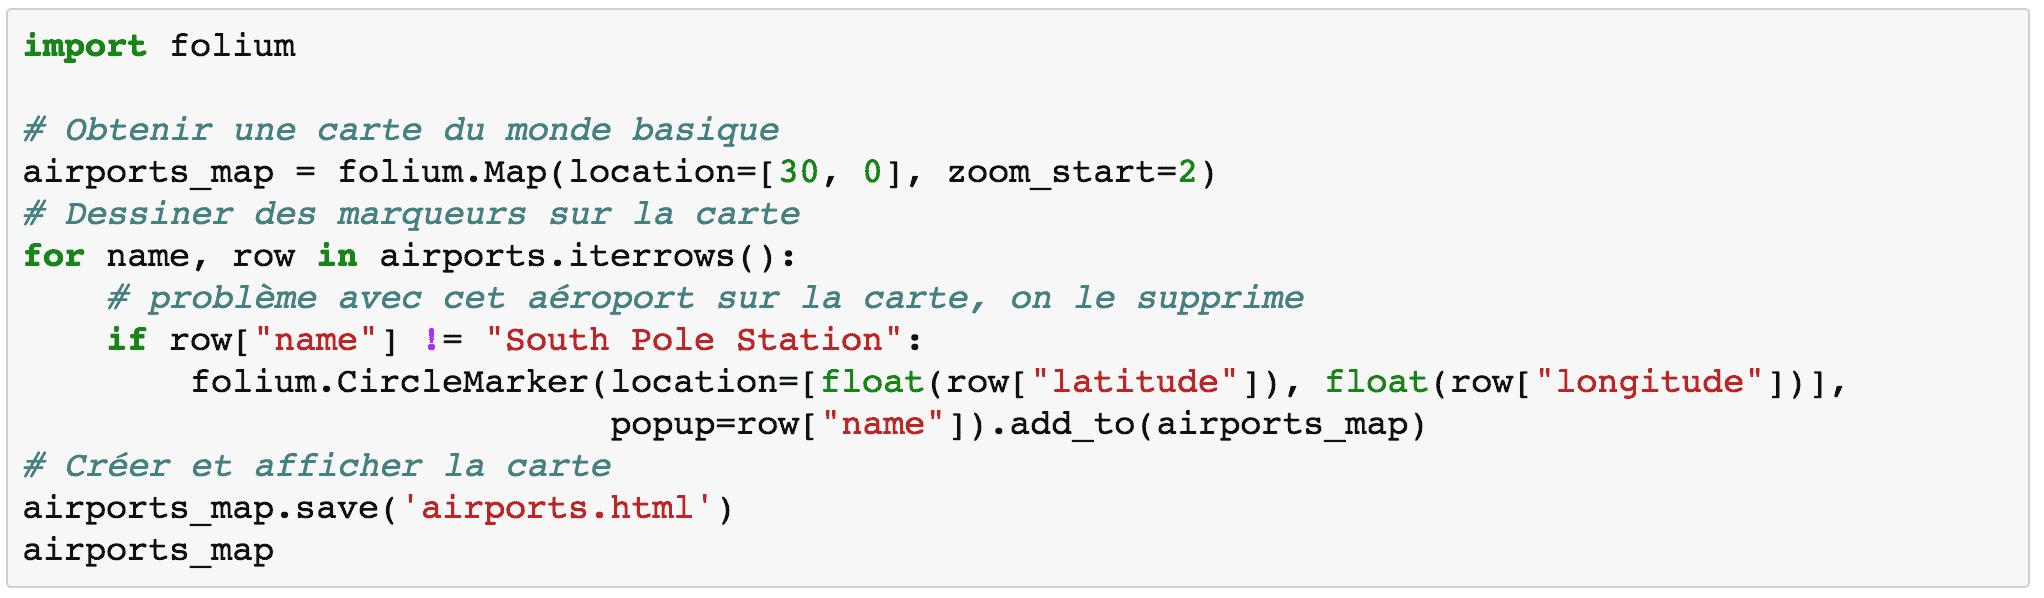 Visualisation de données en Python: comparaison d'outils 22